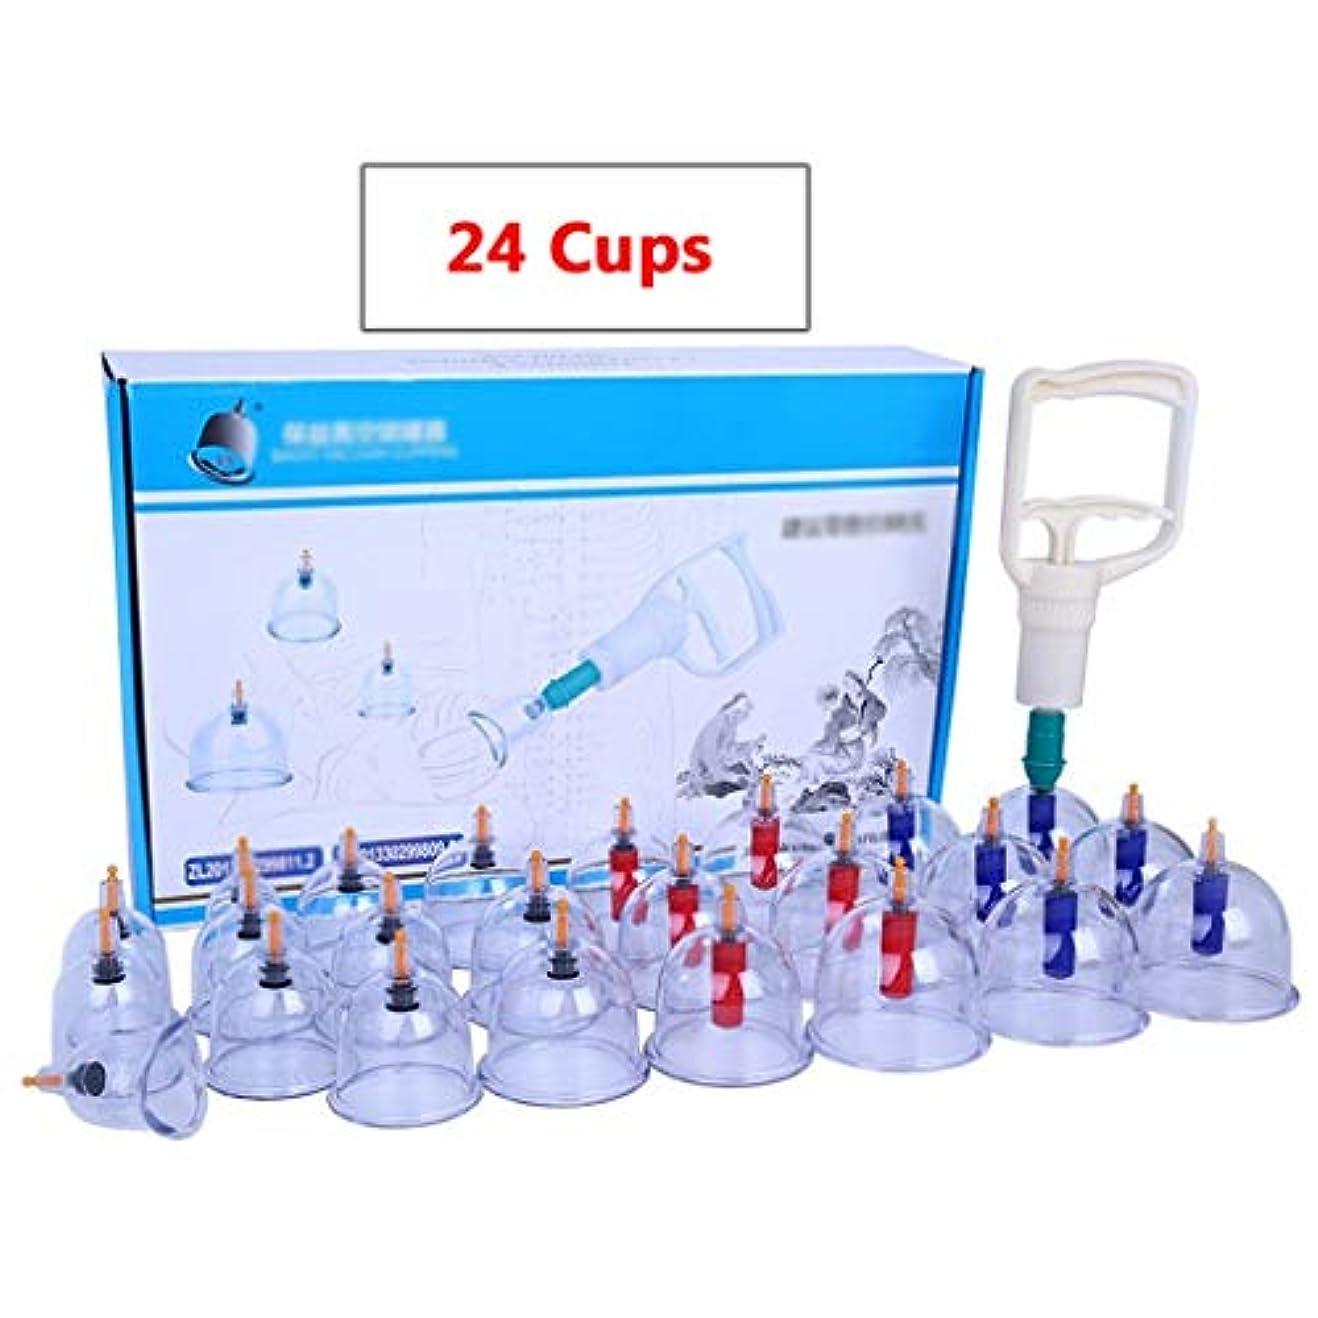 不毛の伝染性の成人期真空カッピングキット、24カップ、ホームサクションカッピングセラピー、手動透明カッピング、中華カッピング (色 : 24 Cups)